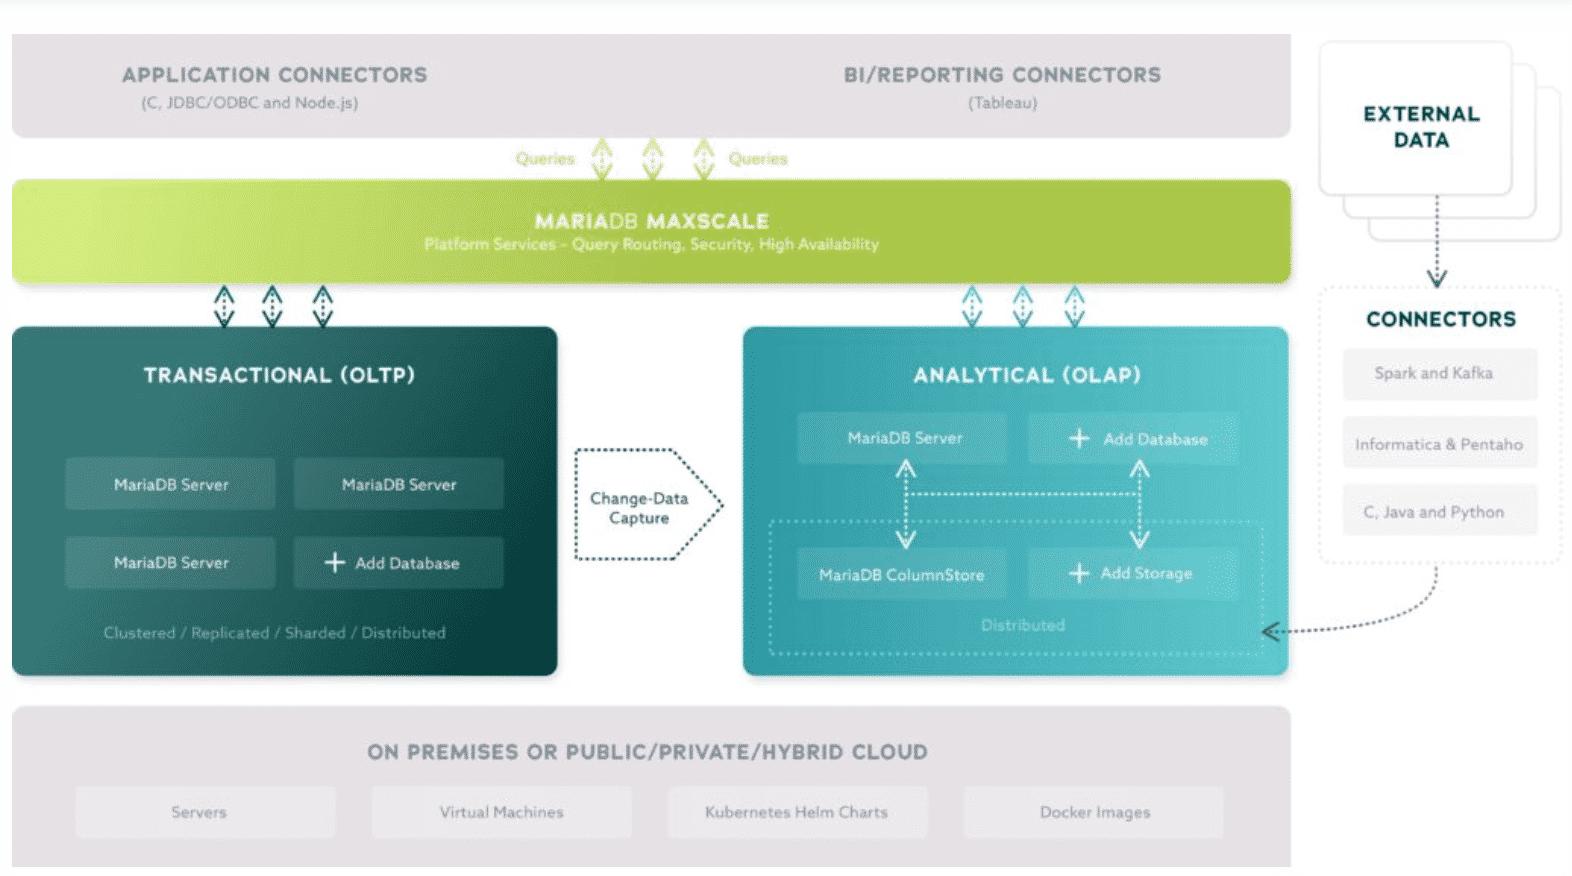 MariaDB Platform X3 vereint OLTP und OLAP in einem synchronisierten Gesamtsystem.